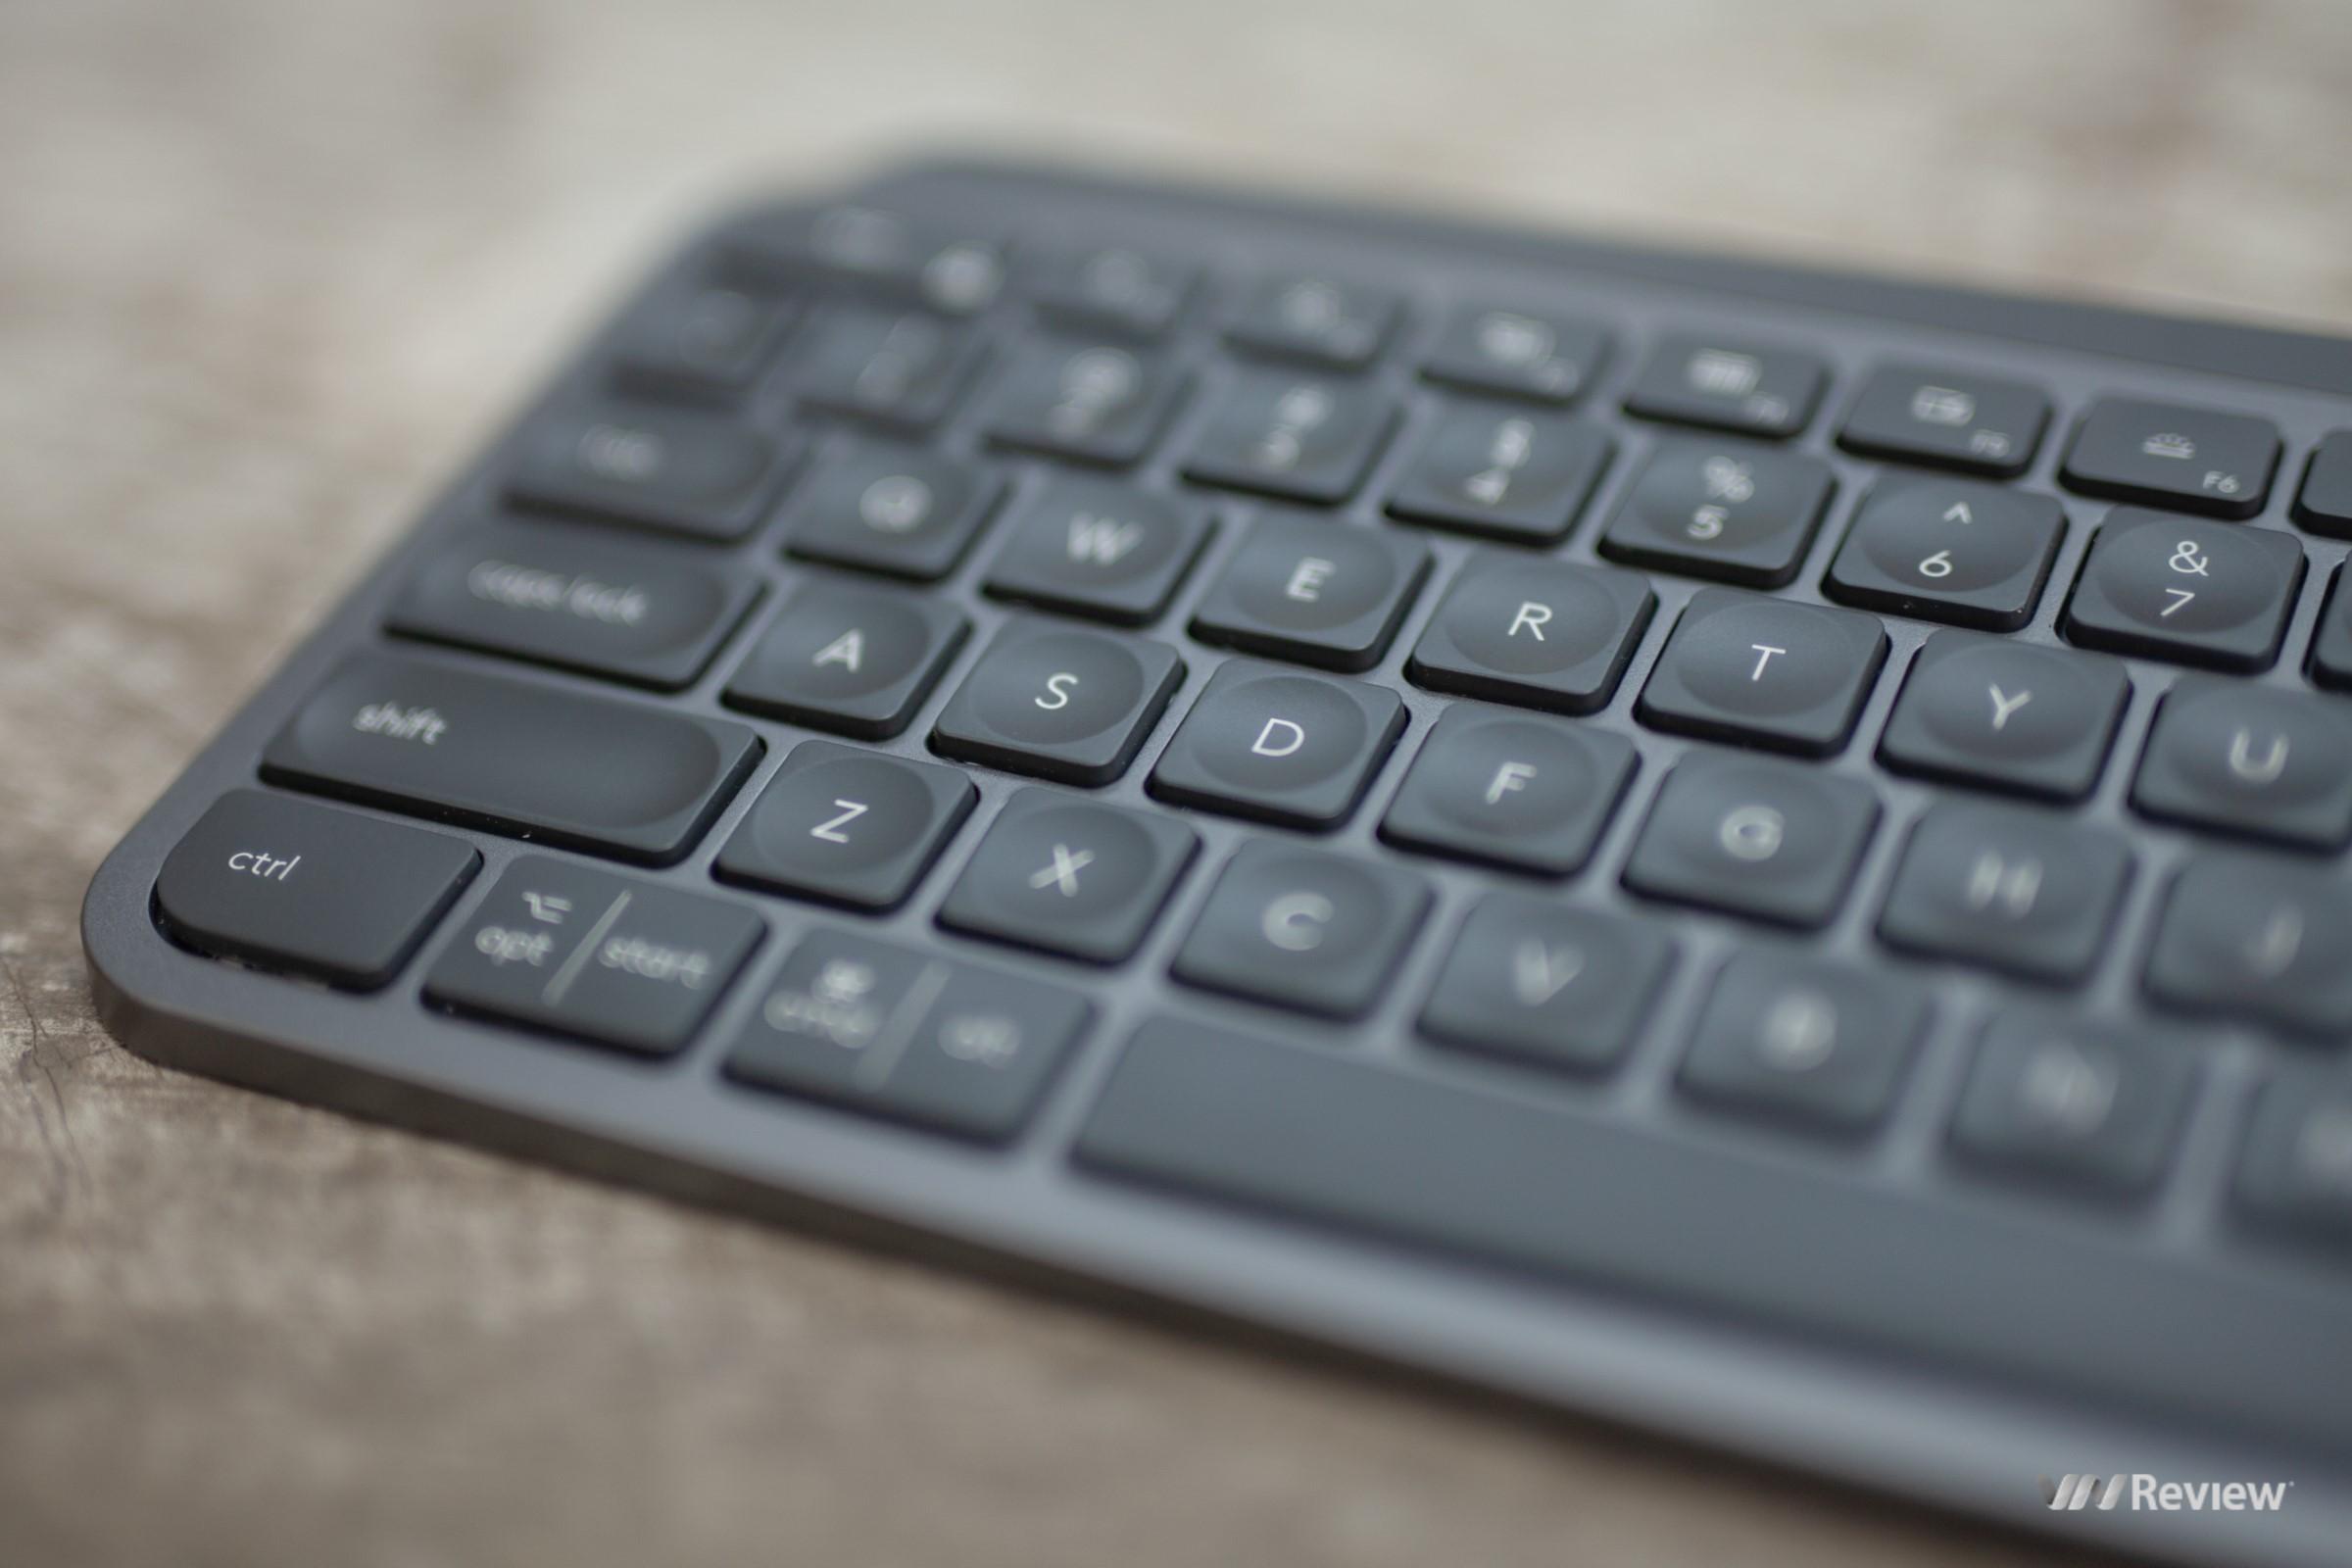 Đánh giá Logitech MX Keys: Xứng danh ông hoàng trong làng bàn phím văn phòng Đánh giá Logitech MX Keys: Xứng danh ông hoàng trong làng bàn phím văn phòng